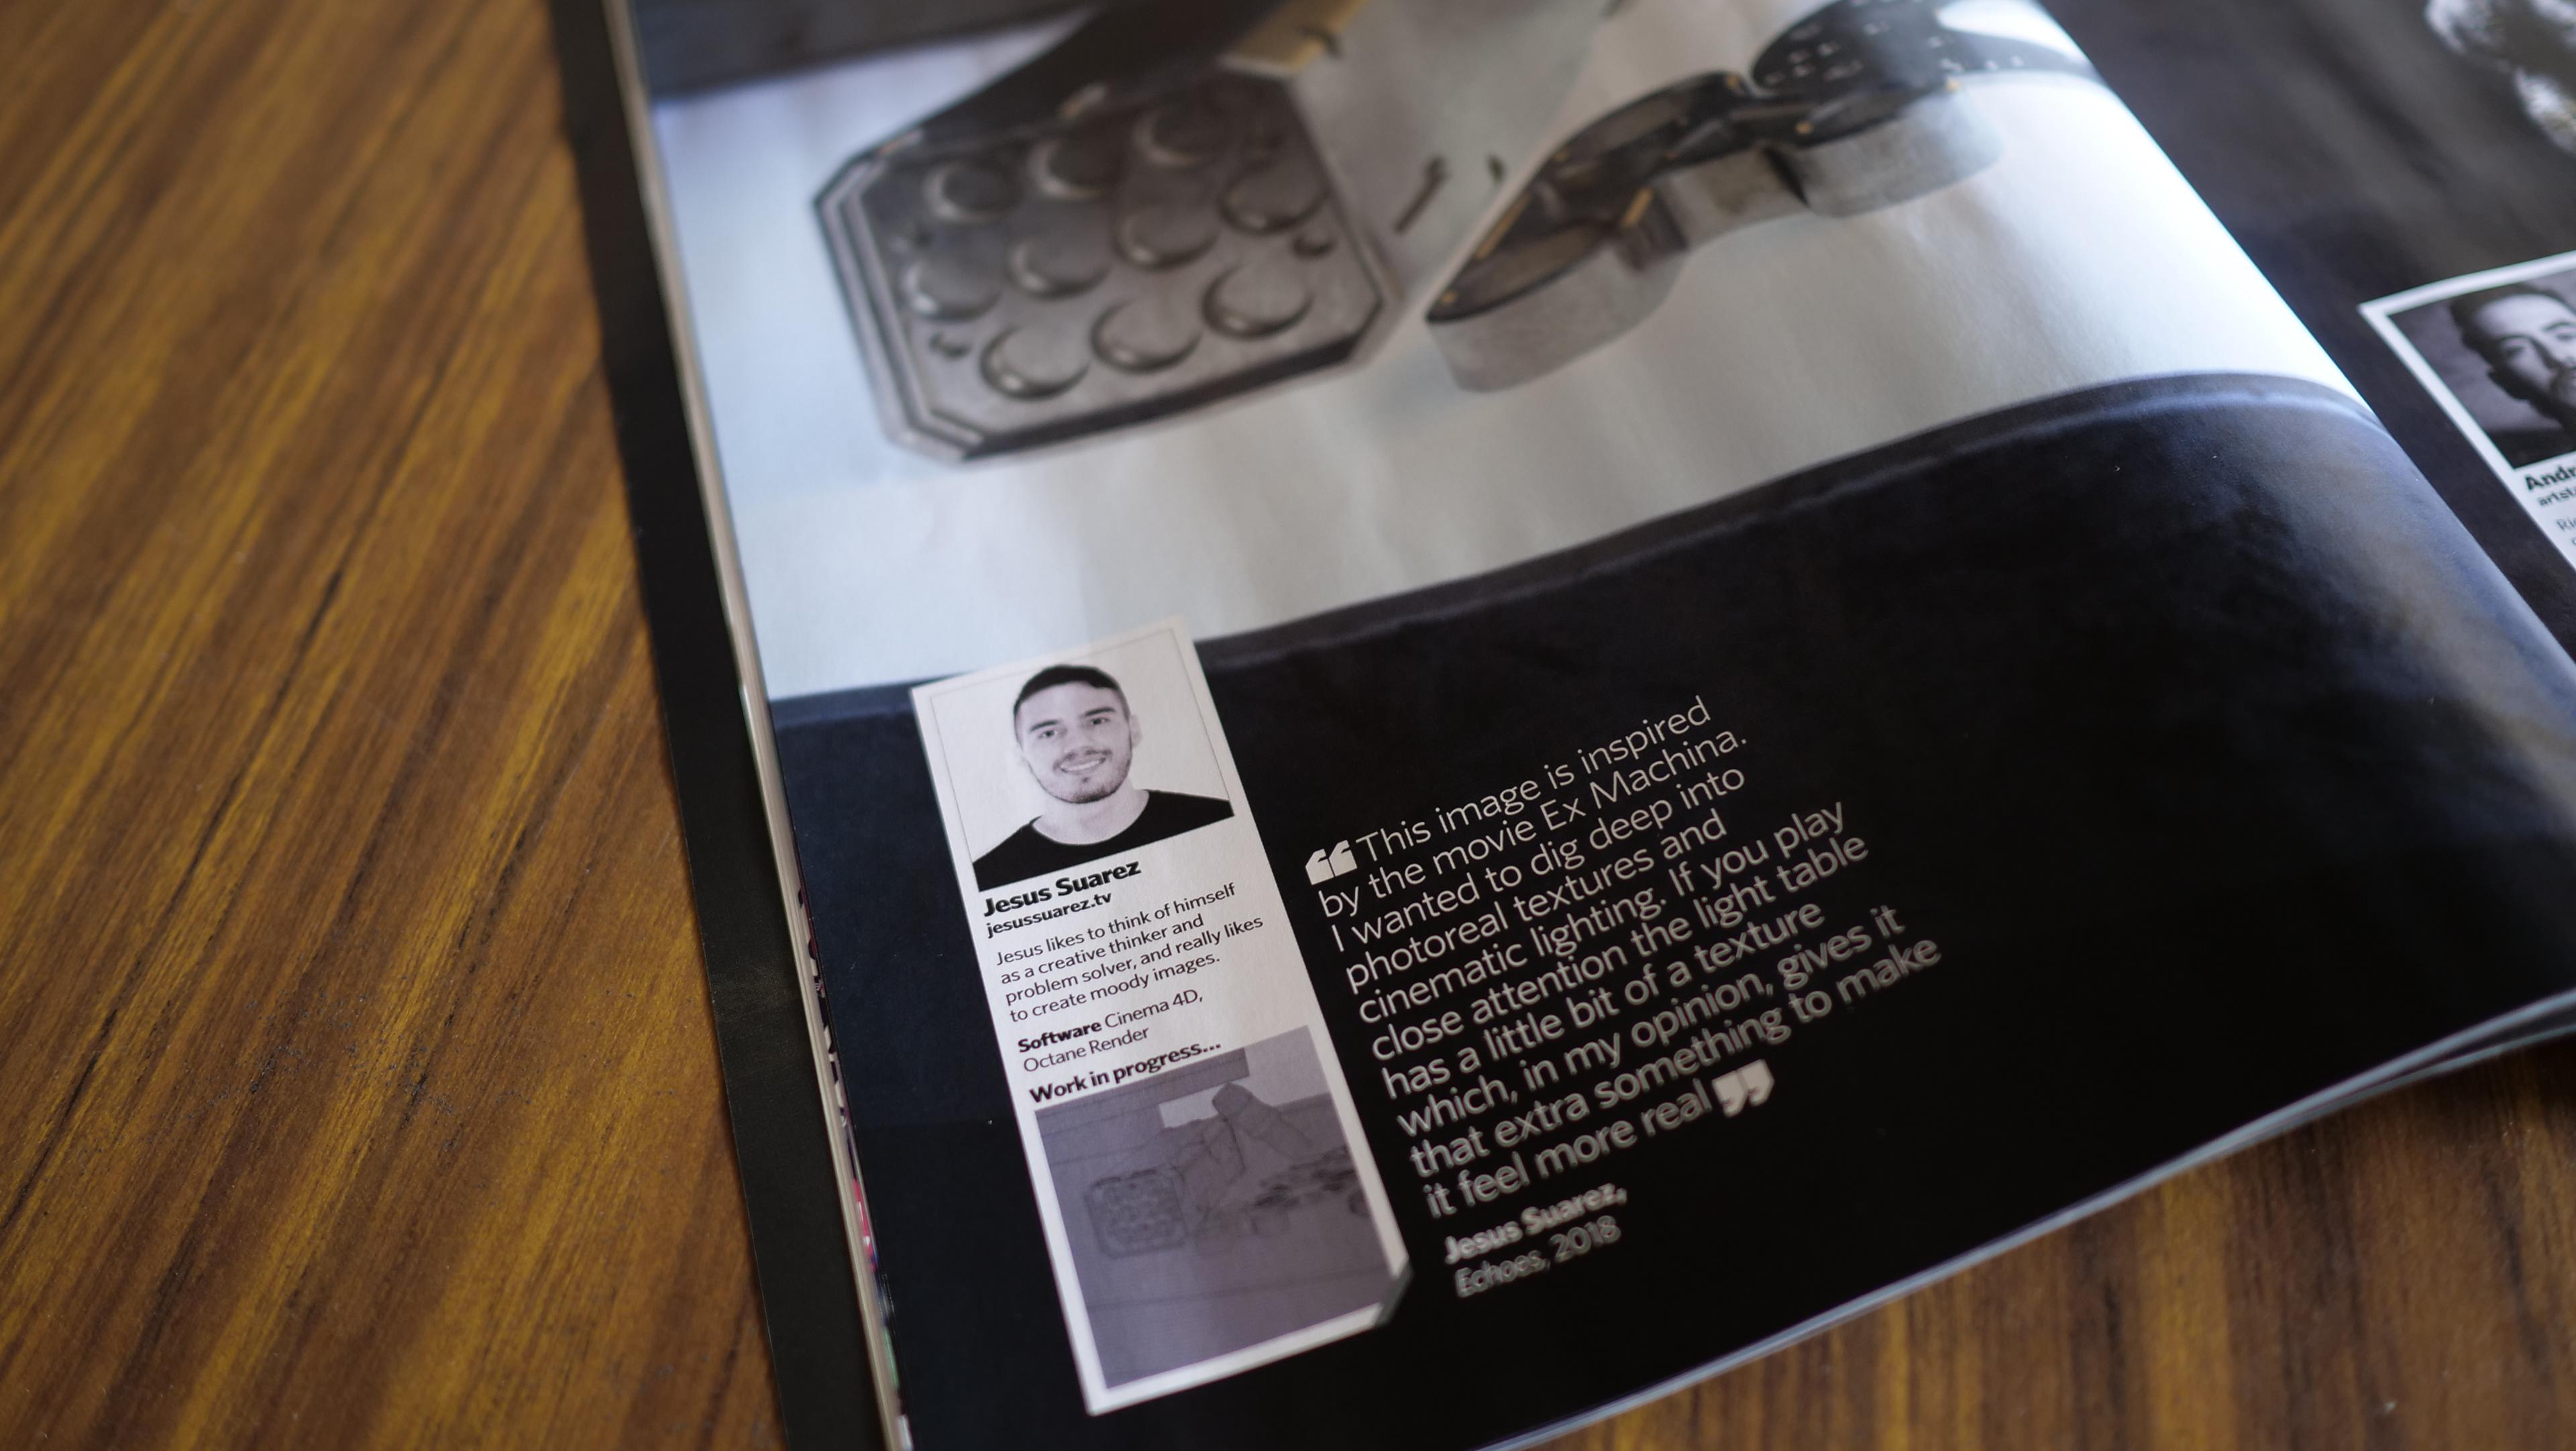 Jesus Suarez | Motion Designer & 3D Generalist - Light Table